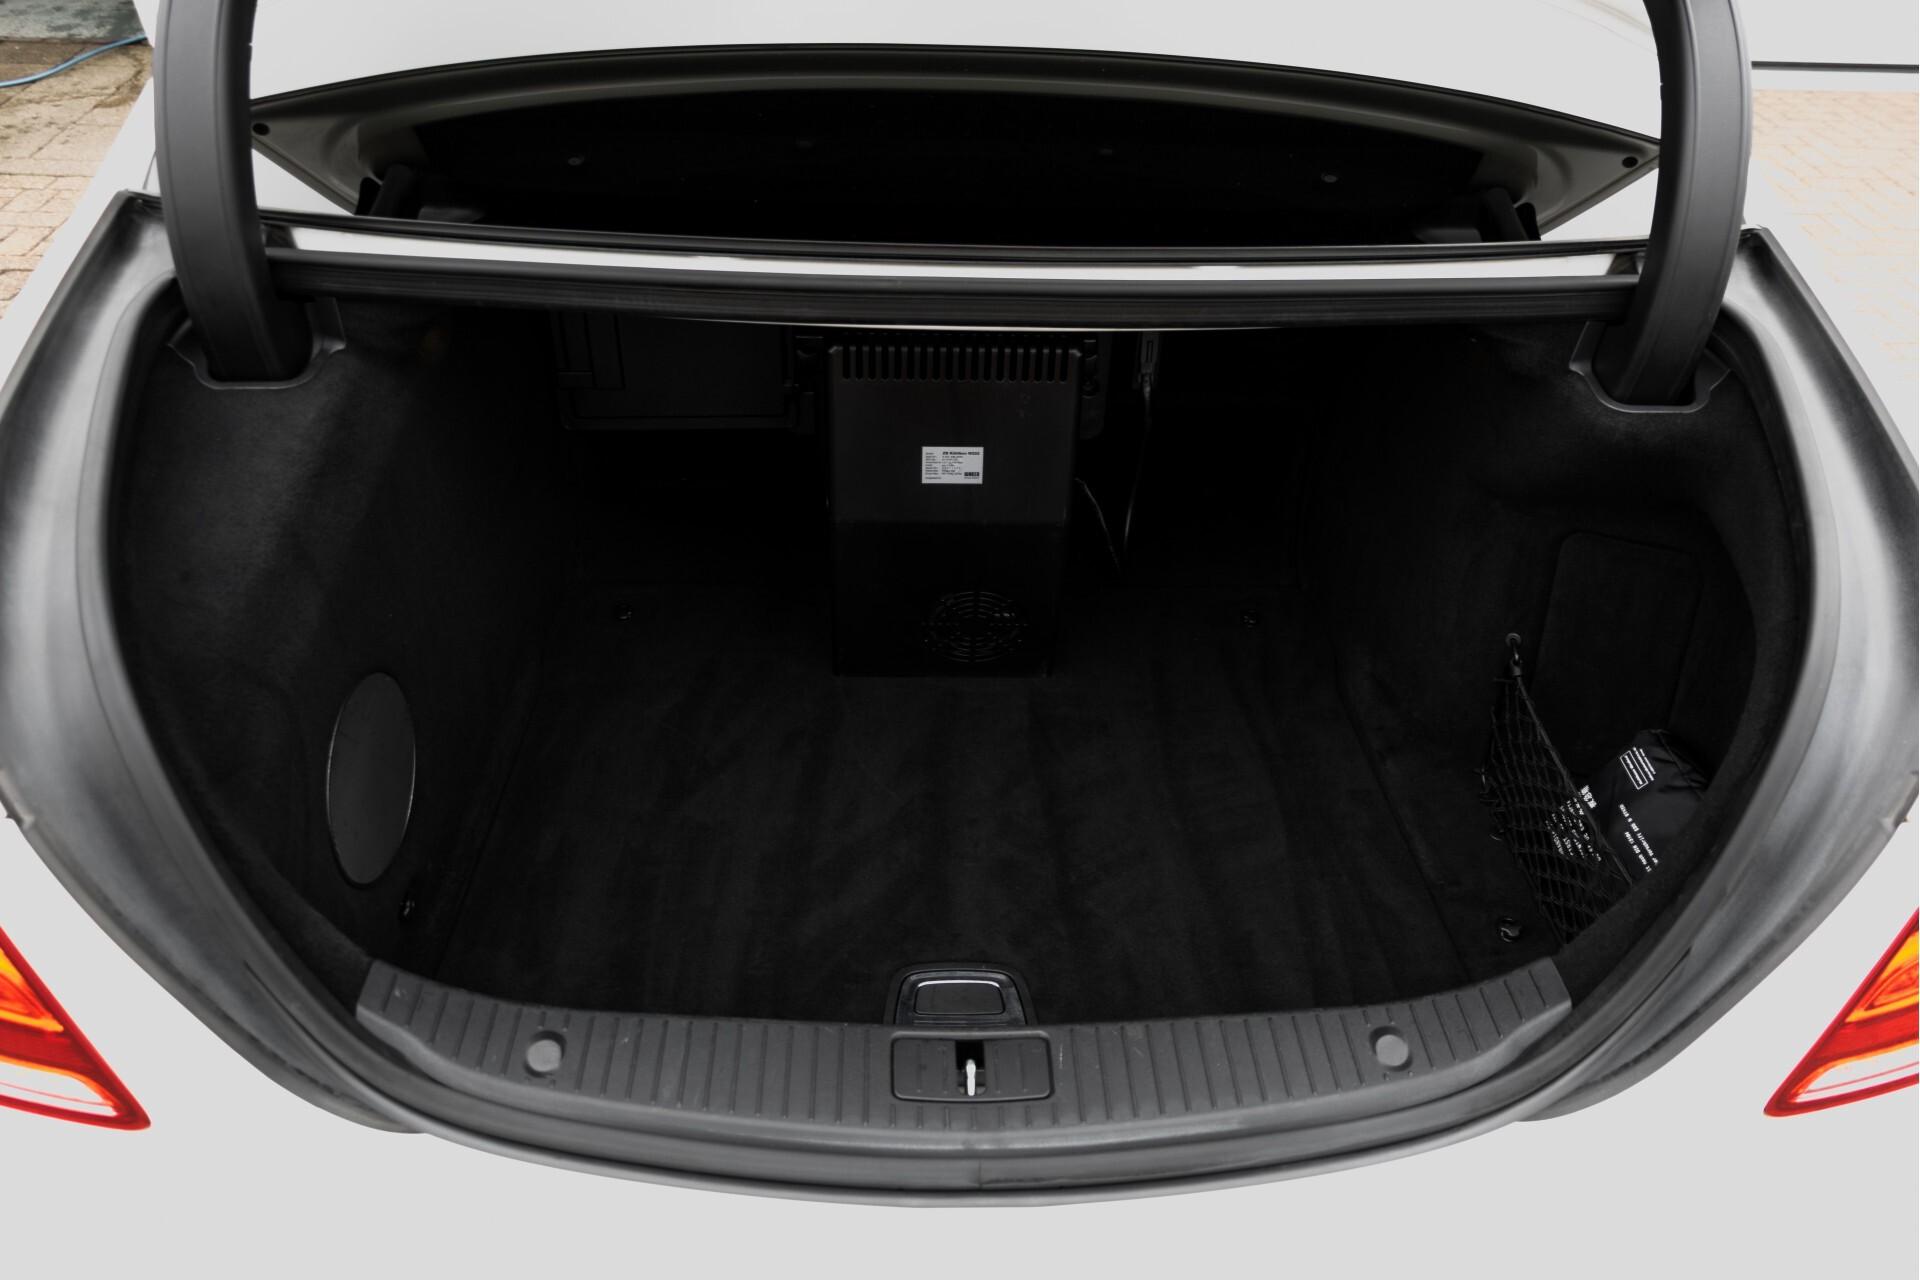 Mercedes-Benz S-Klasse 350 Bluetec Lang 4-M AMG Plus Carbon/Burmester 3D/Standkachel/4xMassage/Entertainment Aut7 Foto 72